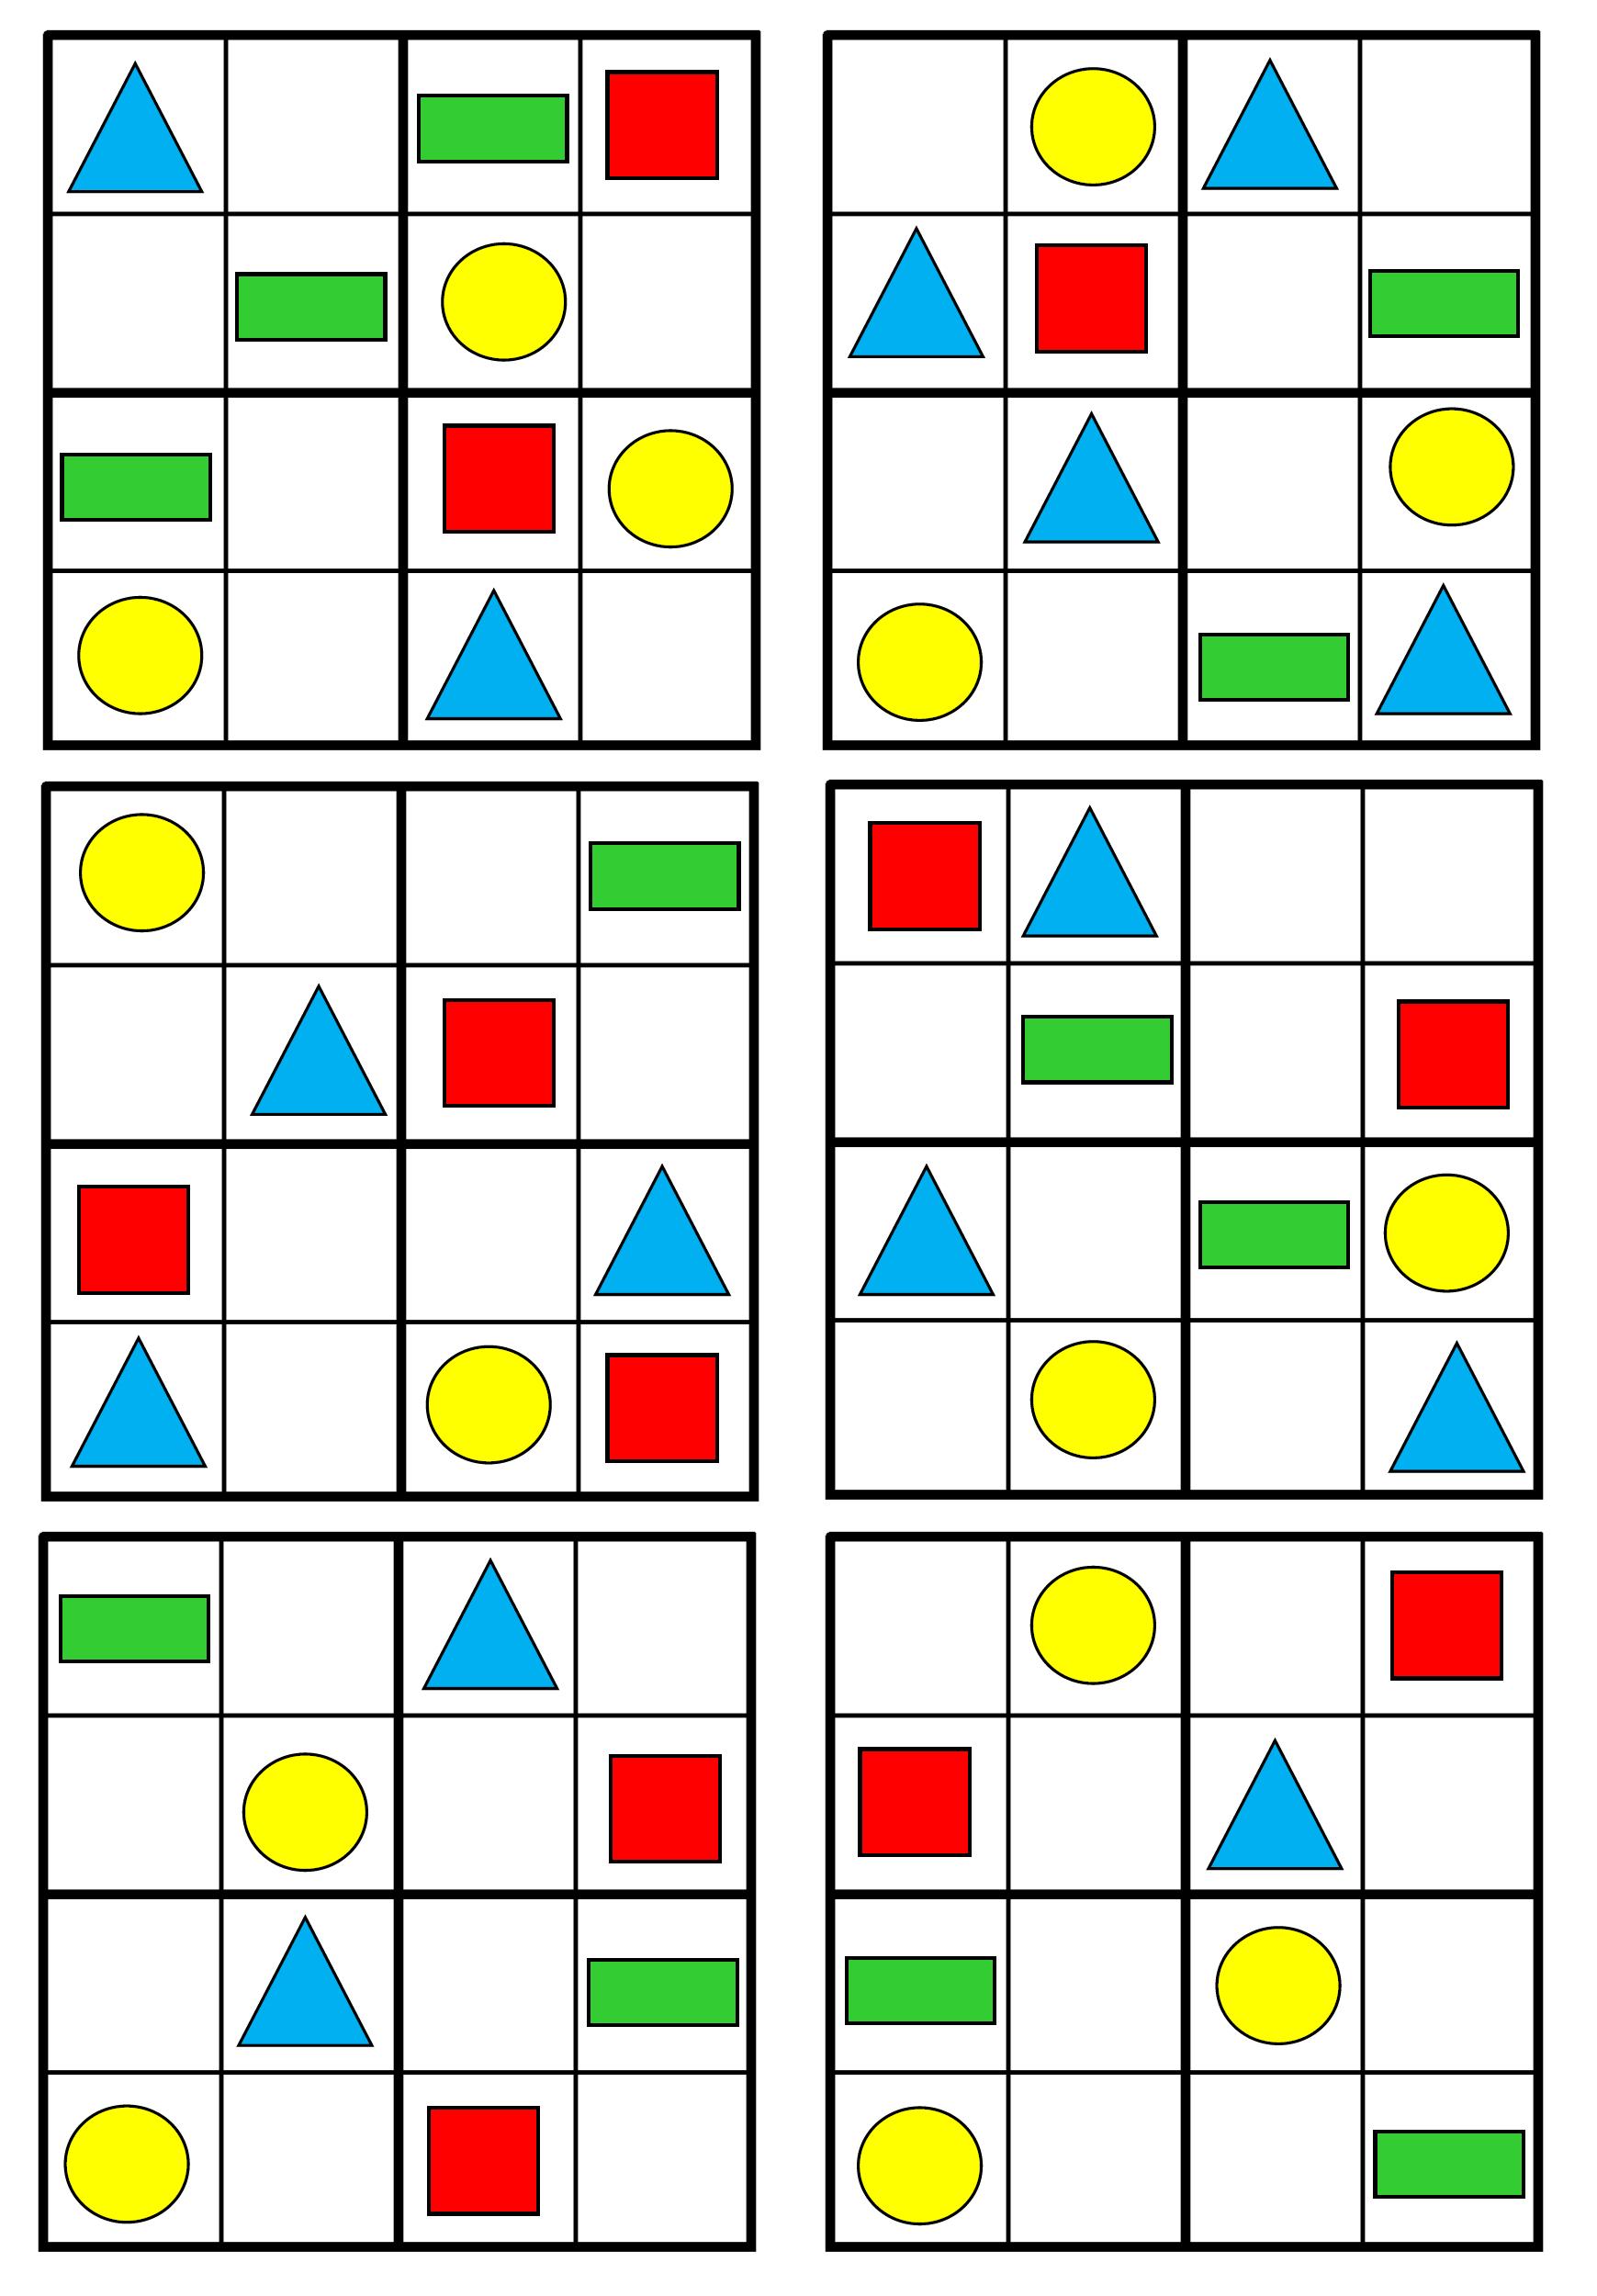 Pracovní Listy - Matematické Představy 5 - 7 Let | Kids Math à Sudoku Grande Section